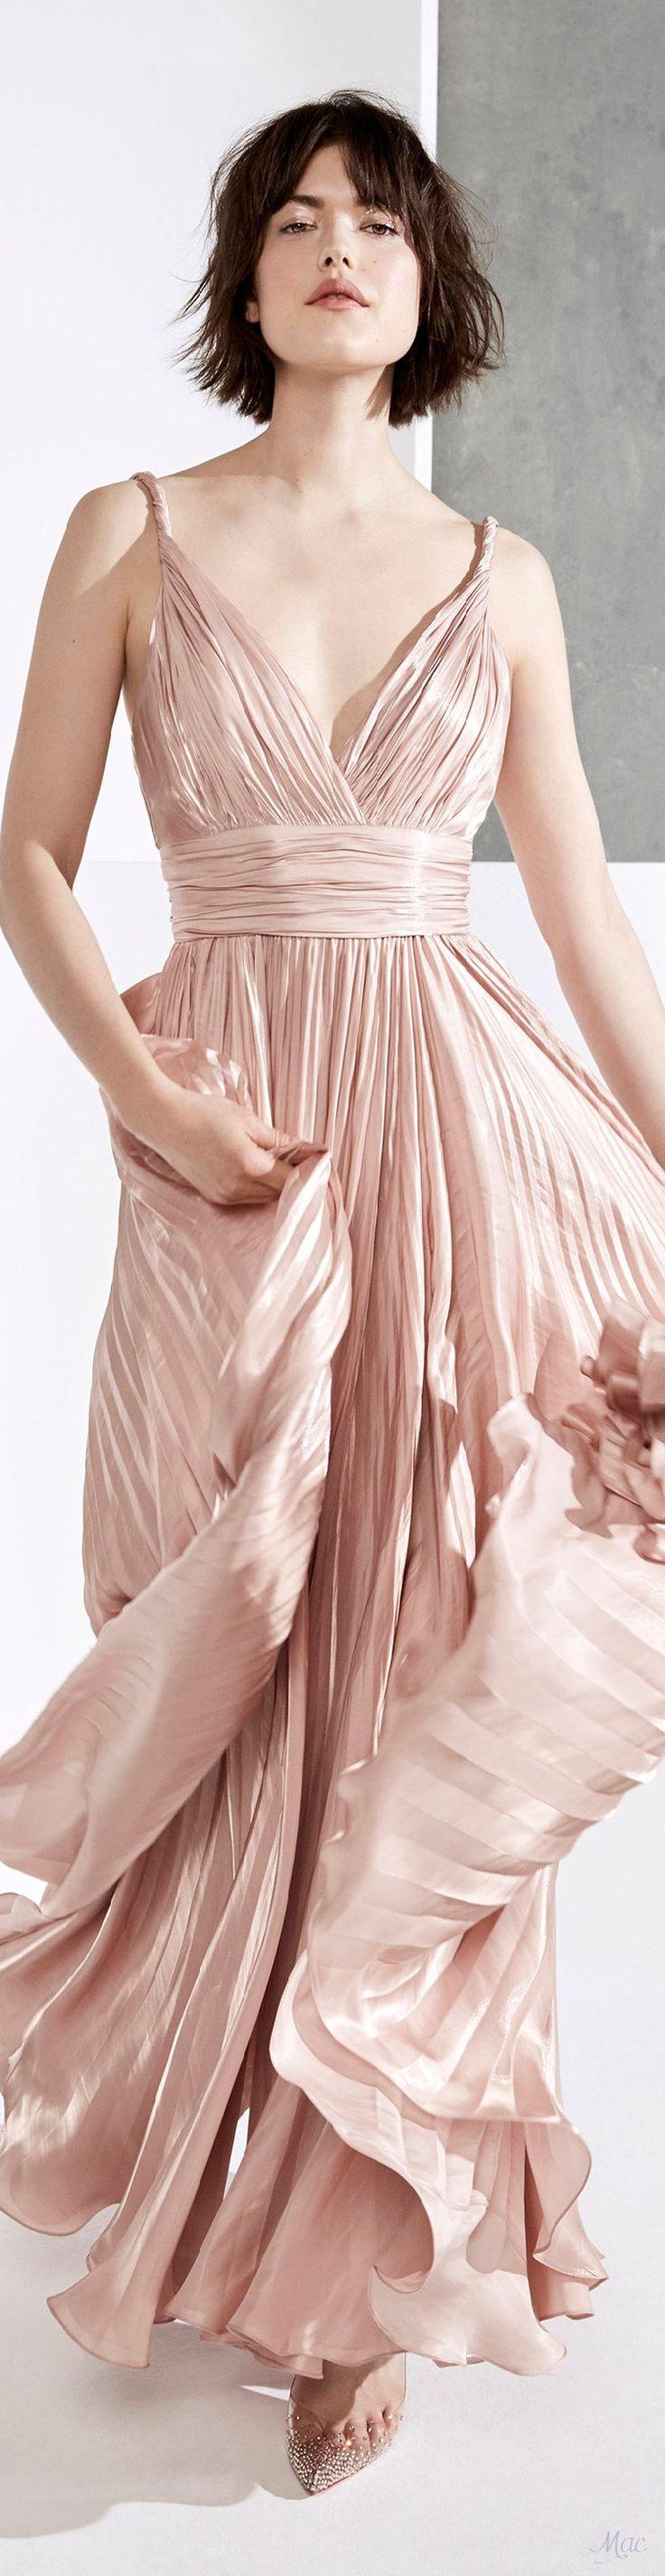 Les 25 meilleures id es de la cat gorie robe rose poudre for Robes de demoiselle d honneur pour le mariage d automne en plein air